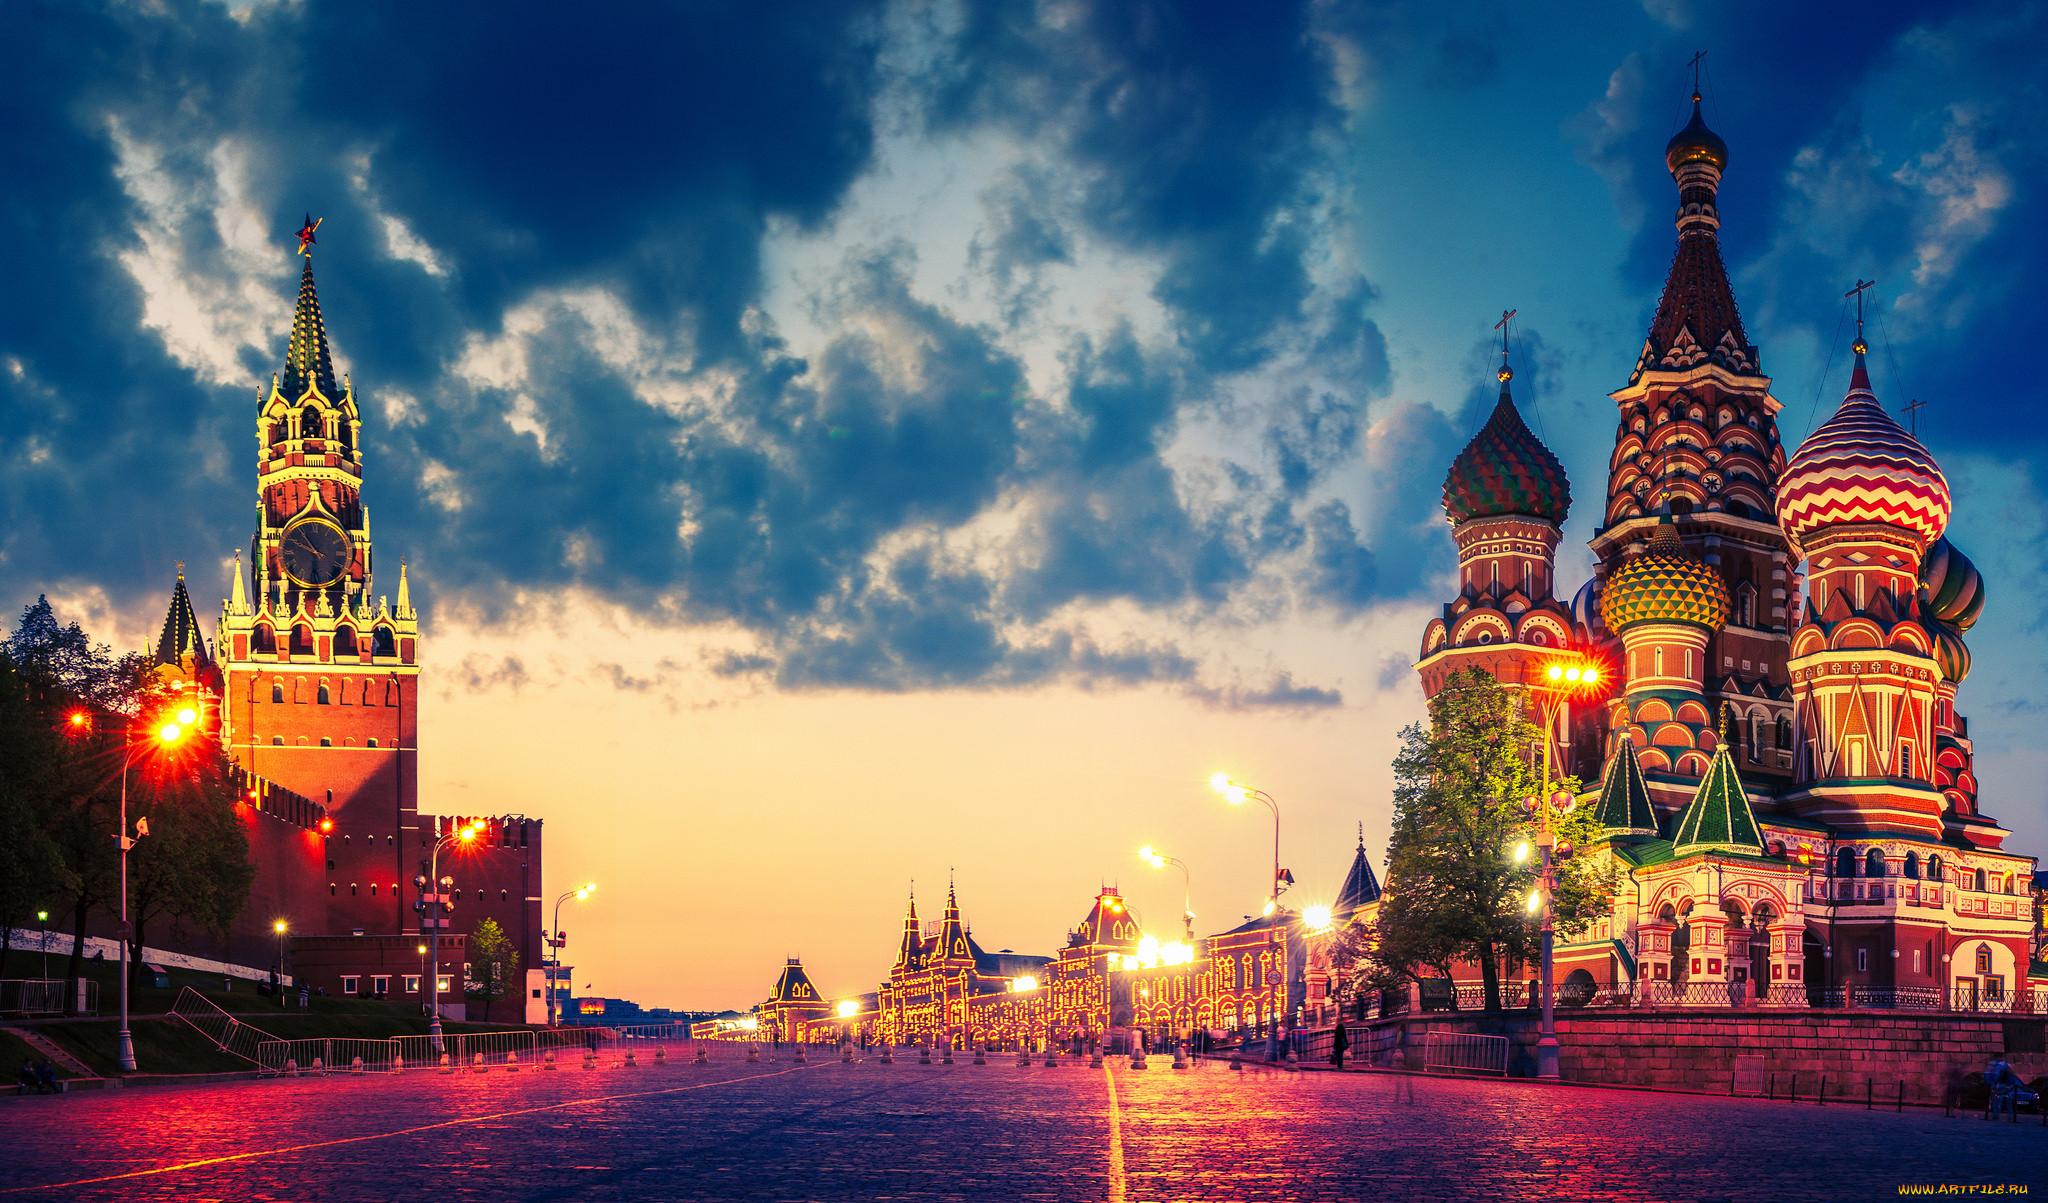 города, москва , россия, огни, облака, кремль, храм, василия, блаженного, красная, площадь, москва, сумерки